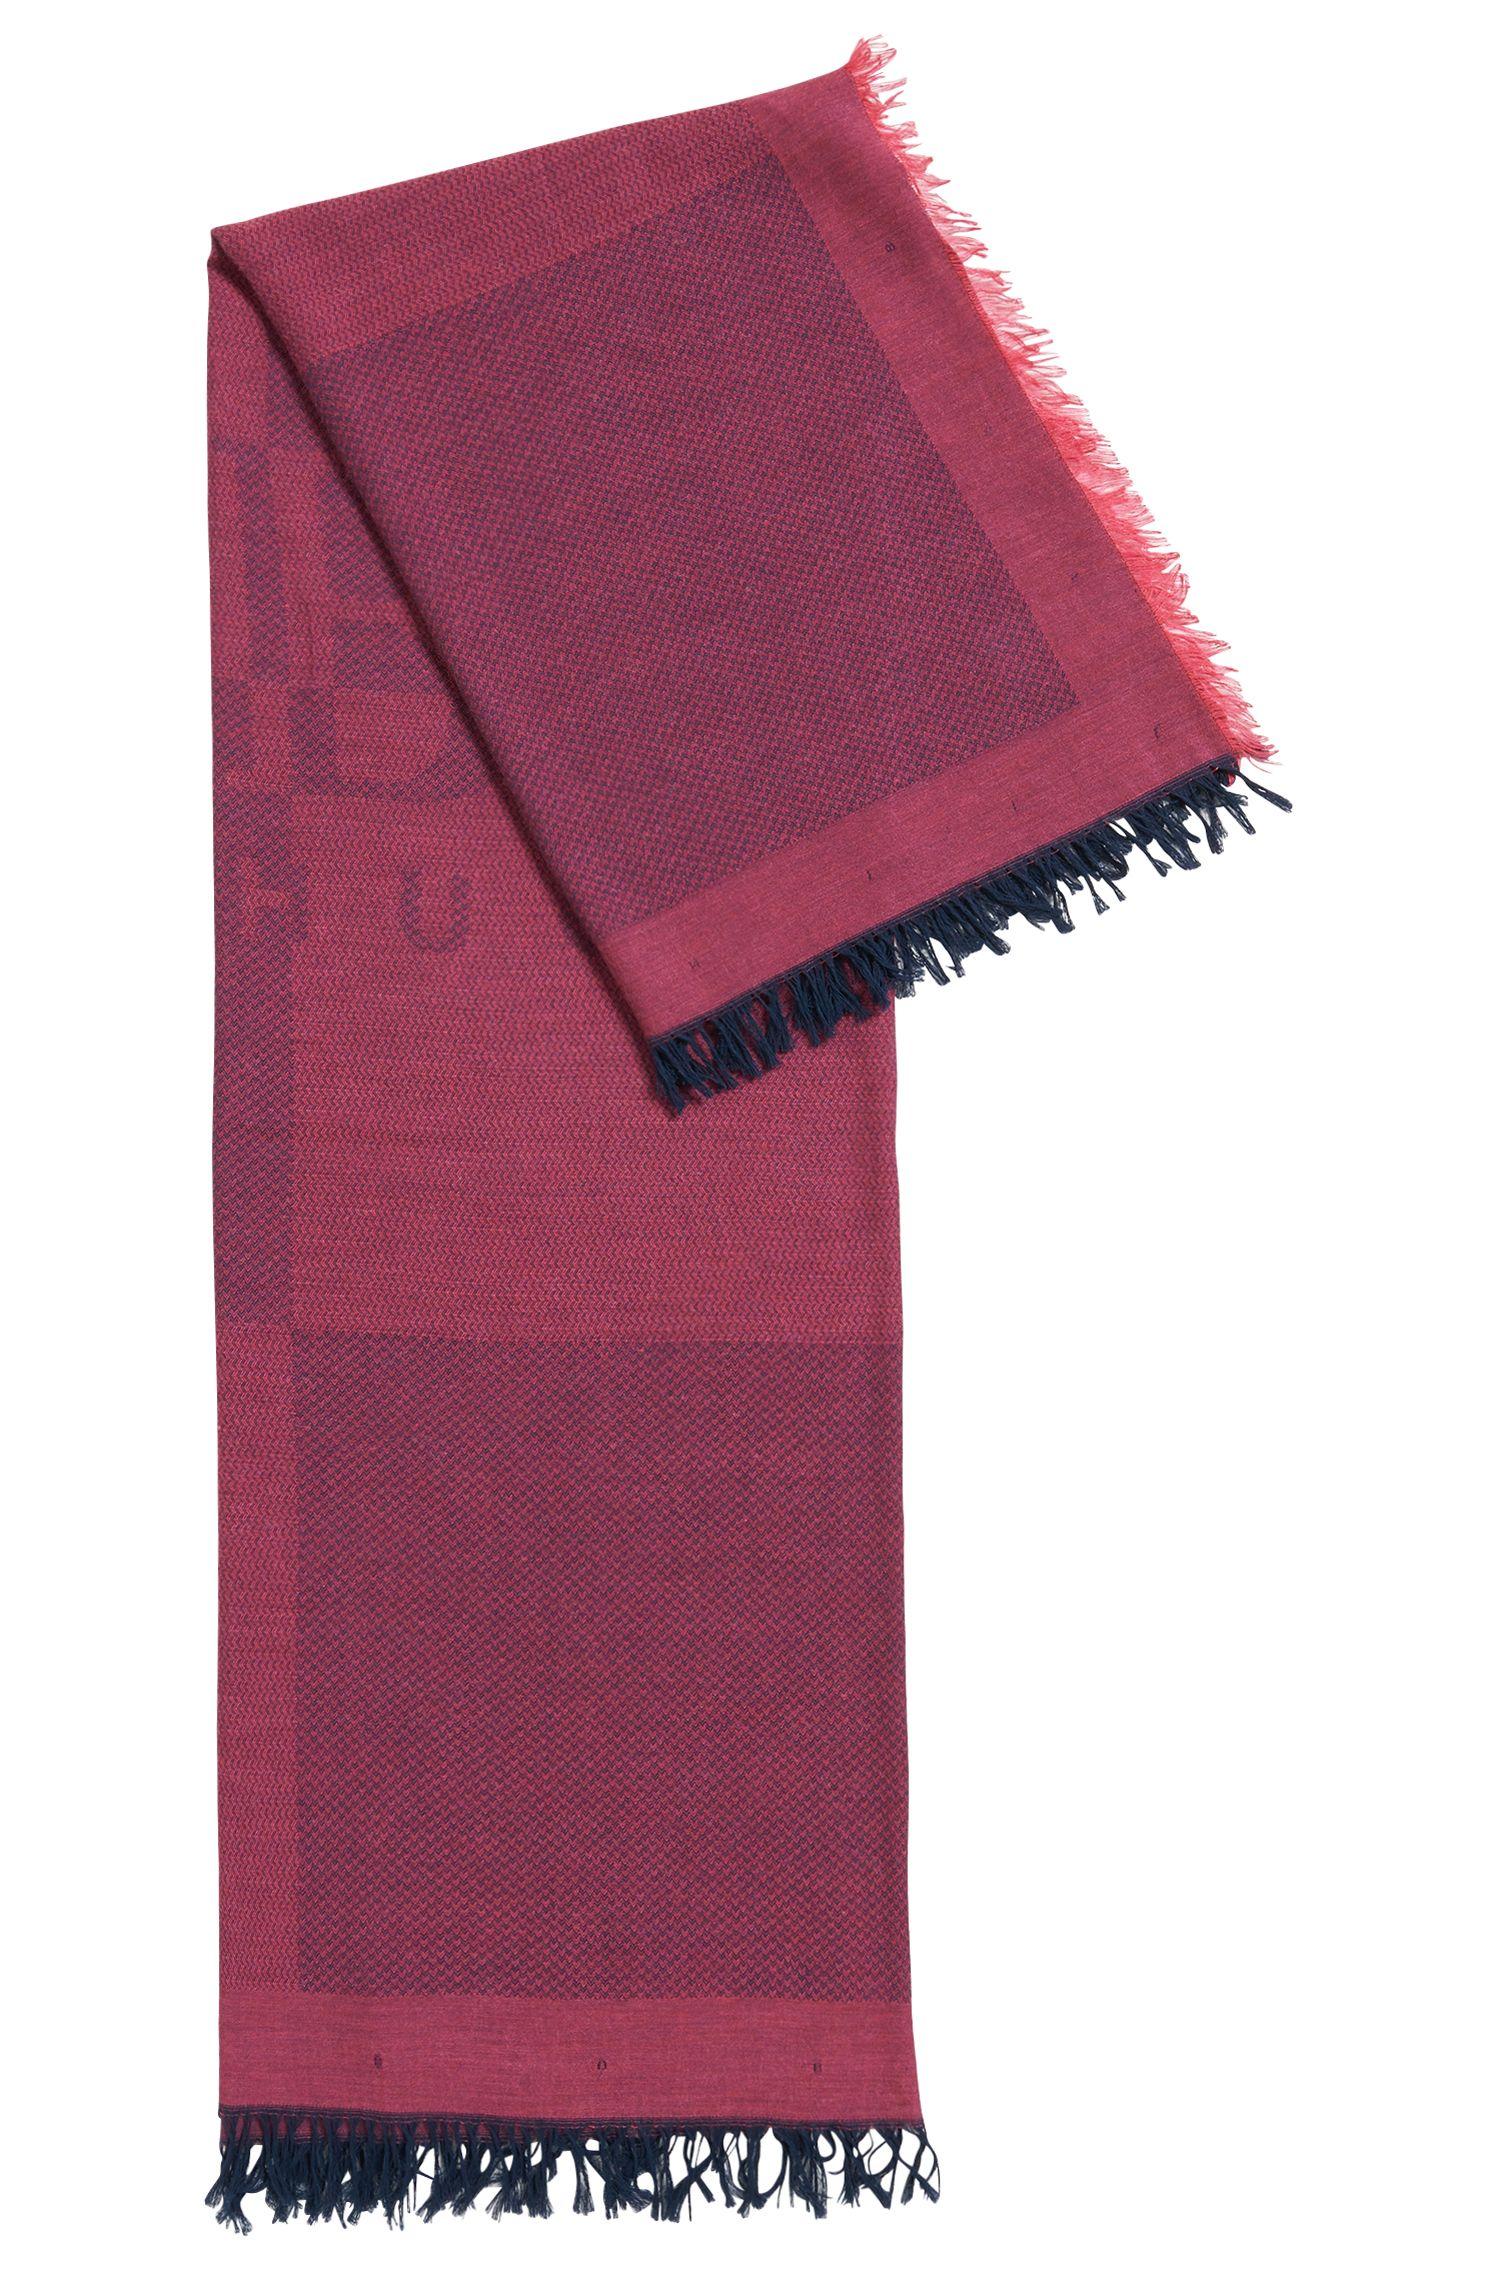 Sjaal van een katoenmix met visgraatstructuur